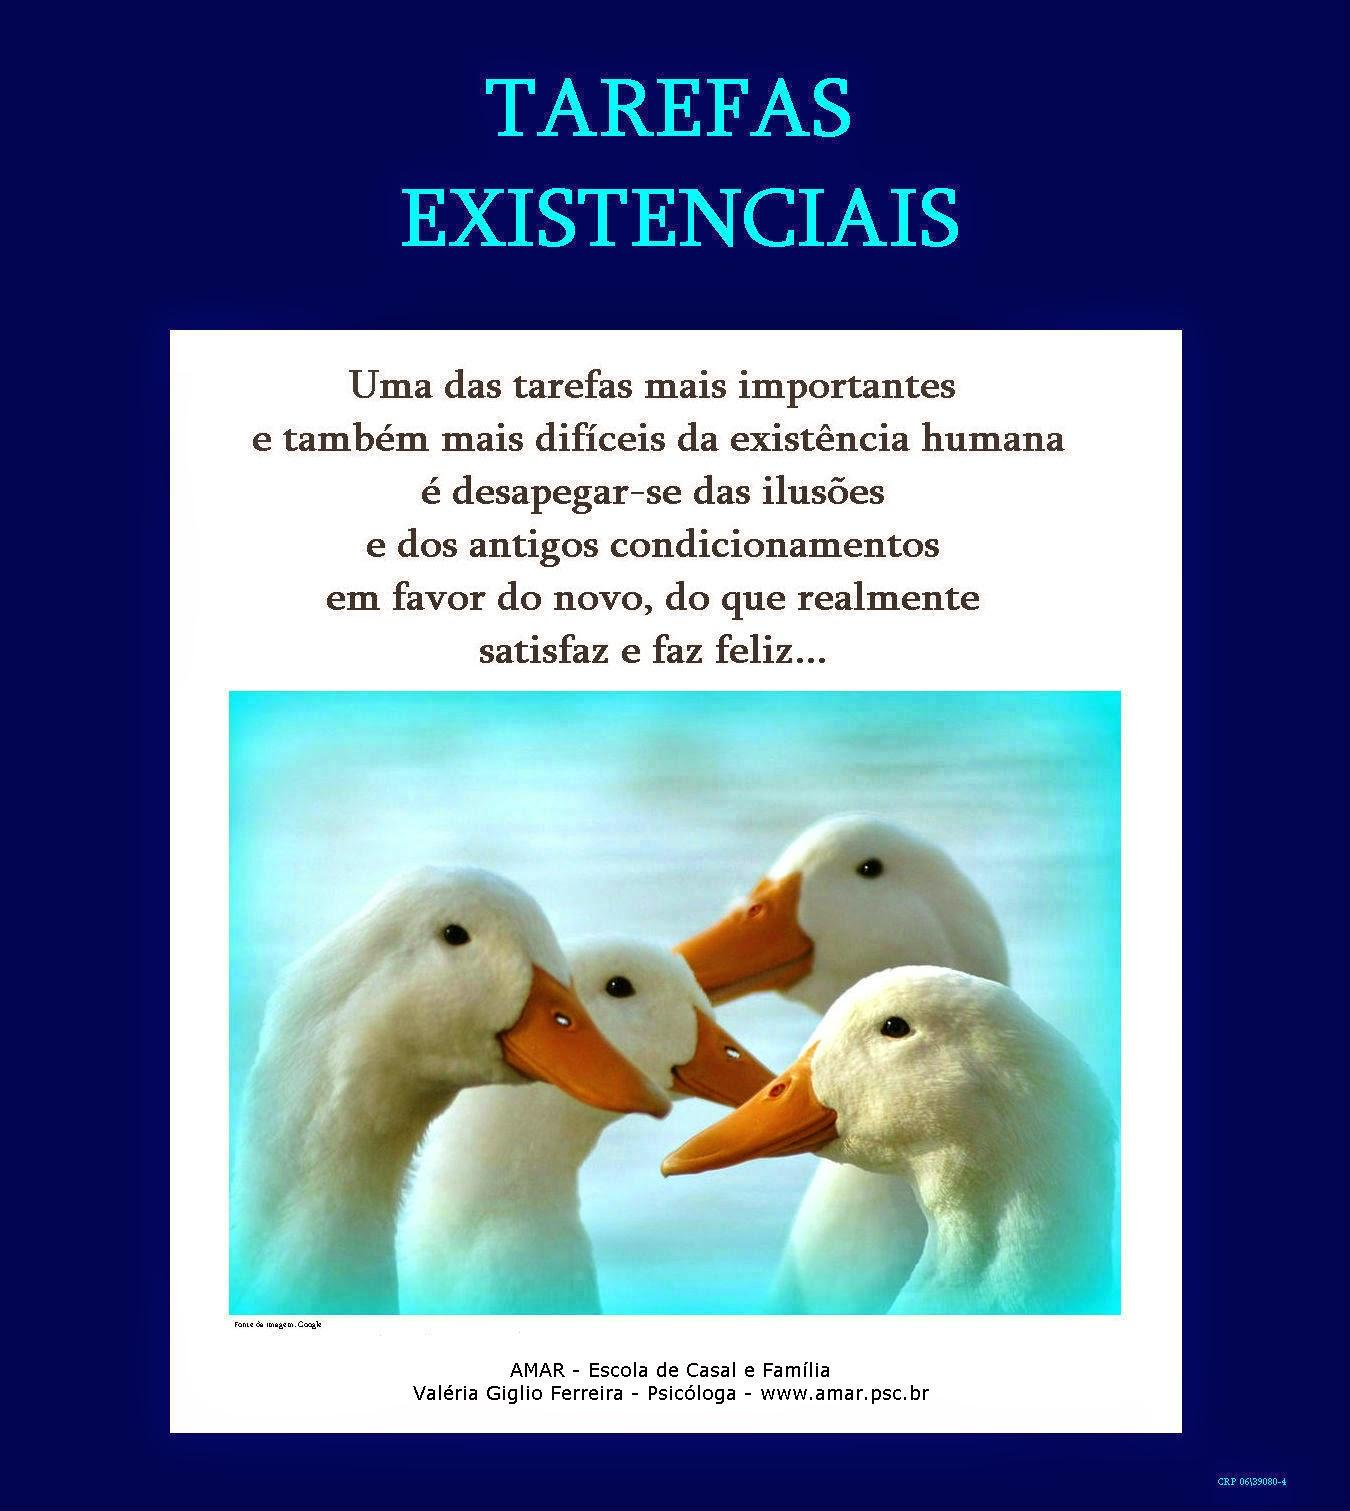 Tarefas existenciais e vitais...